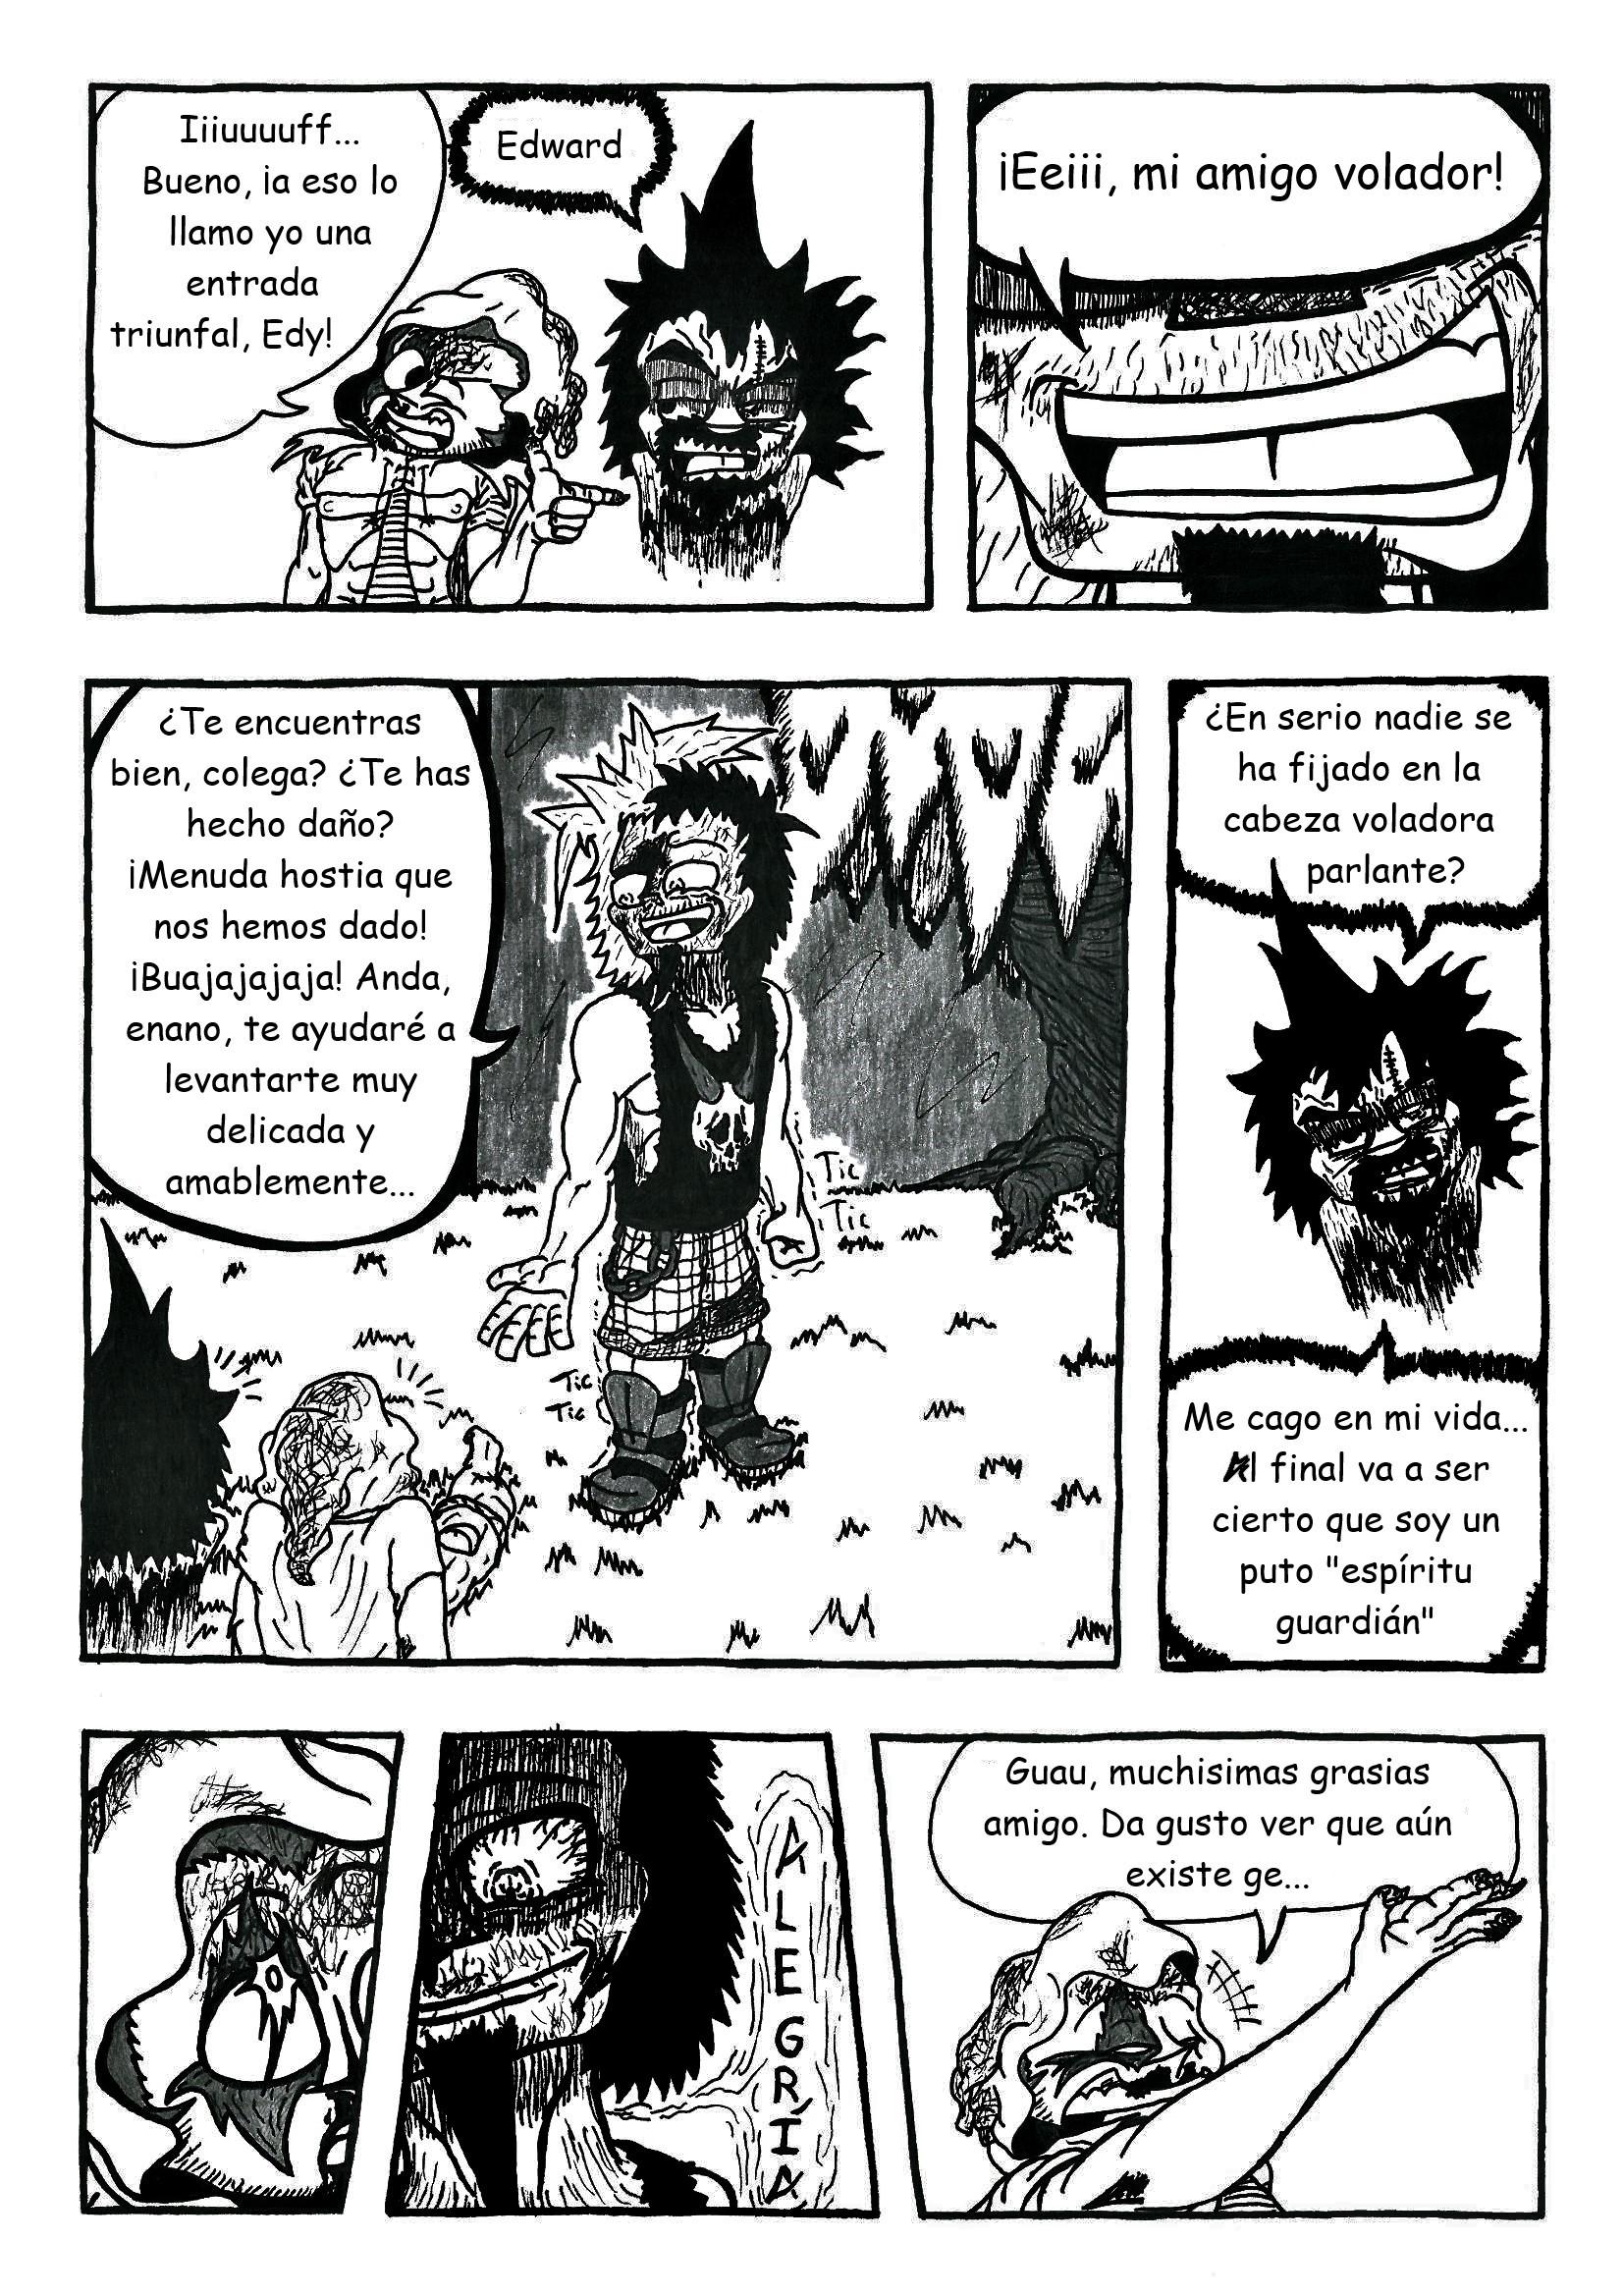 Avatar_02_J_Angel_Casado_Fuster_pagina00016